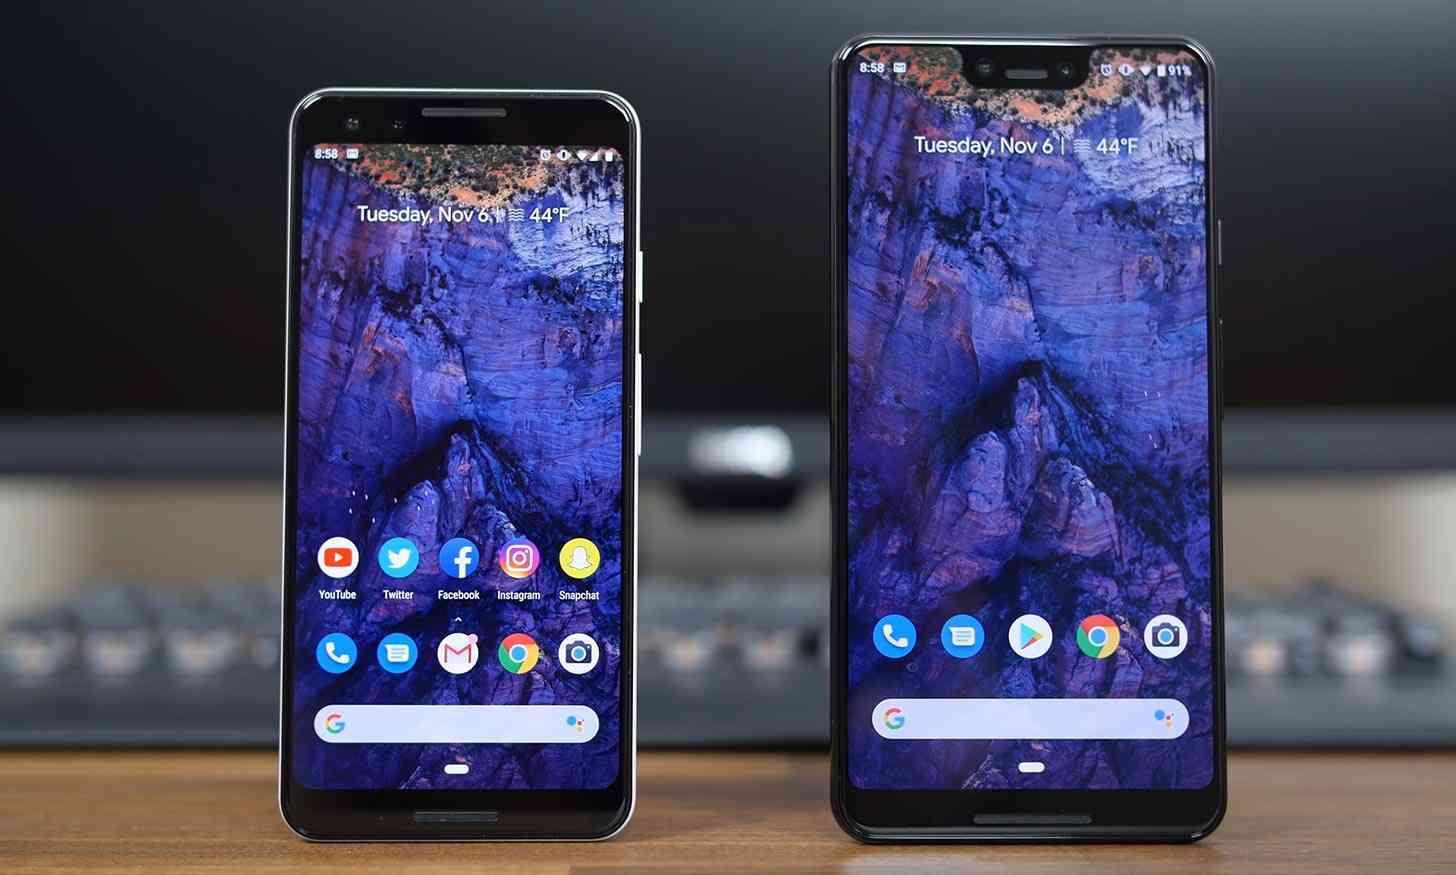 Pixel 3, Pixel 3 XL comparison